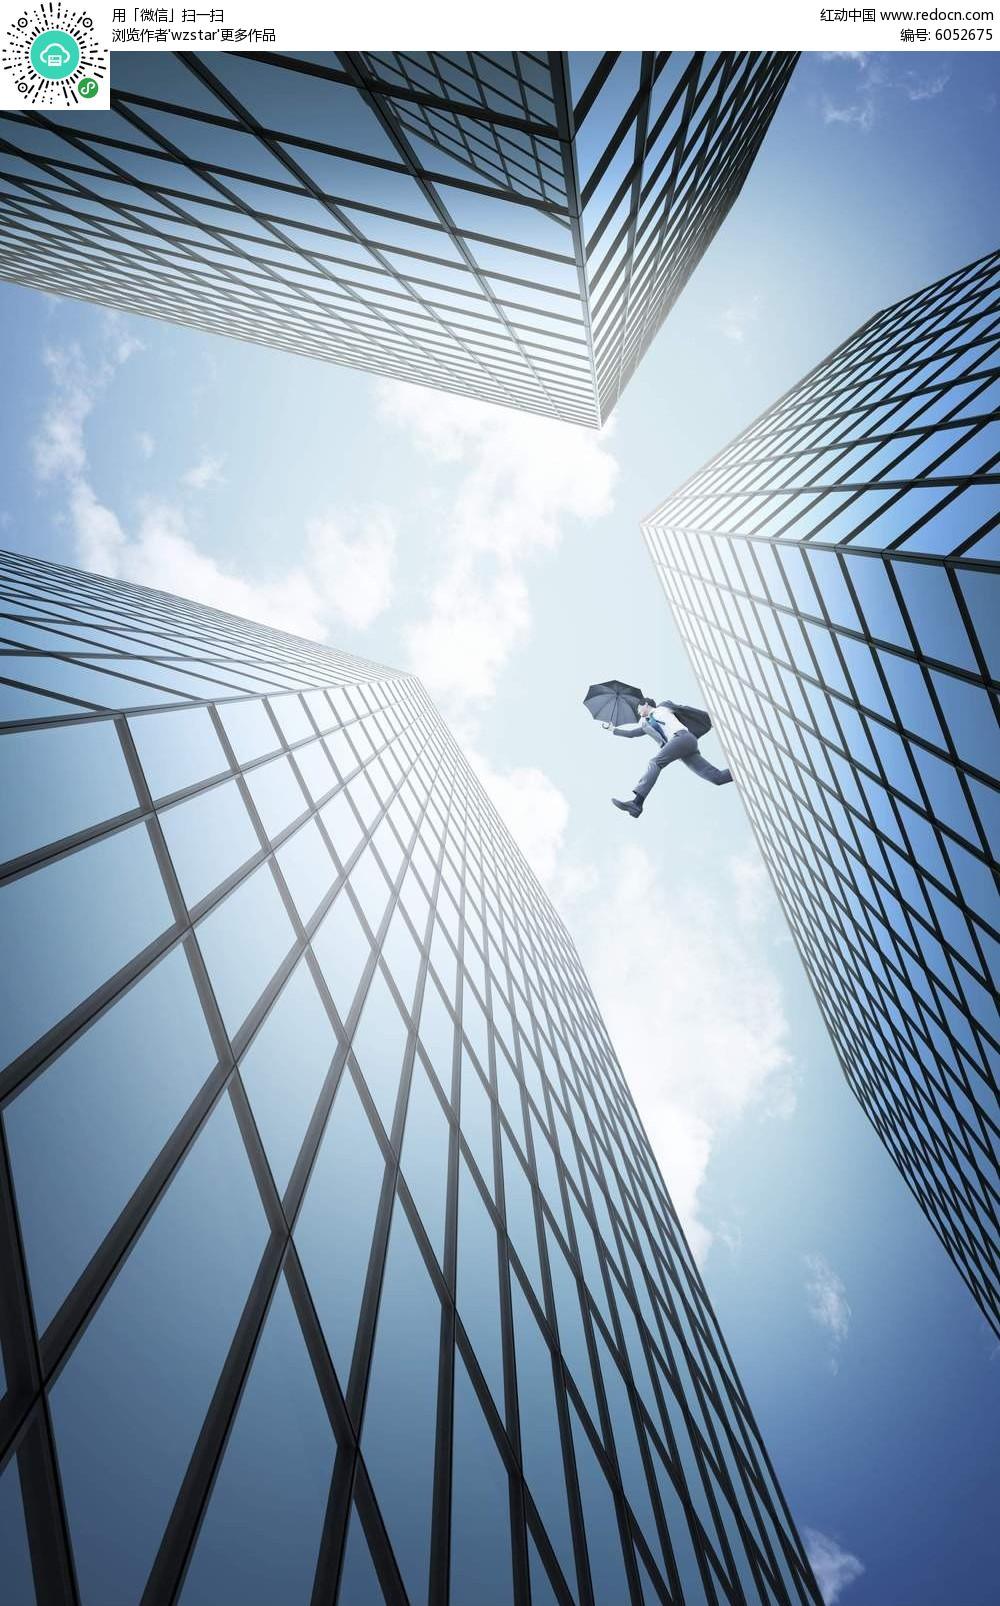 跳跃高楼大厦商务海报背景素材